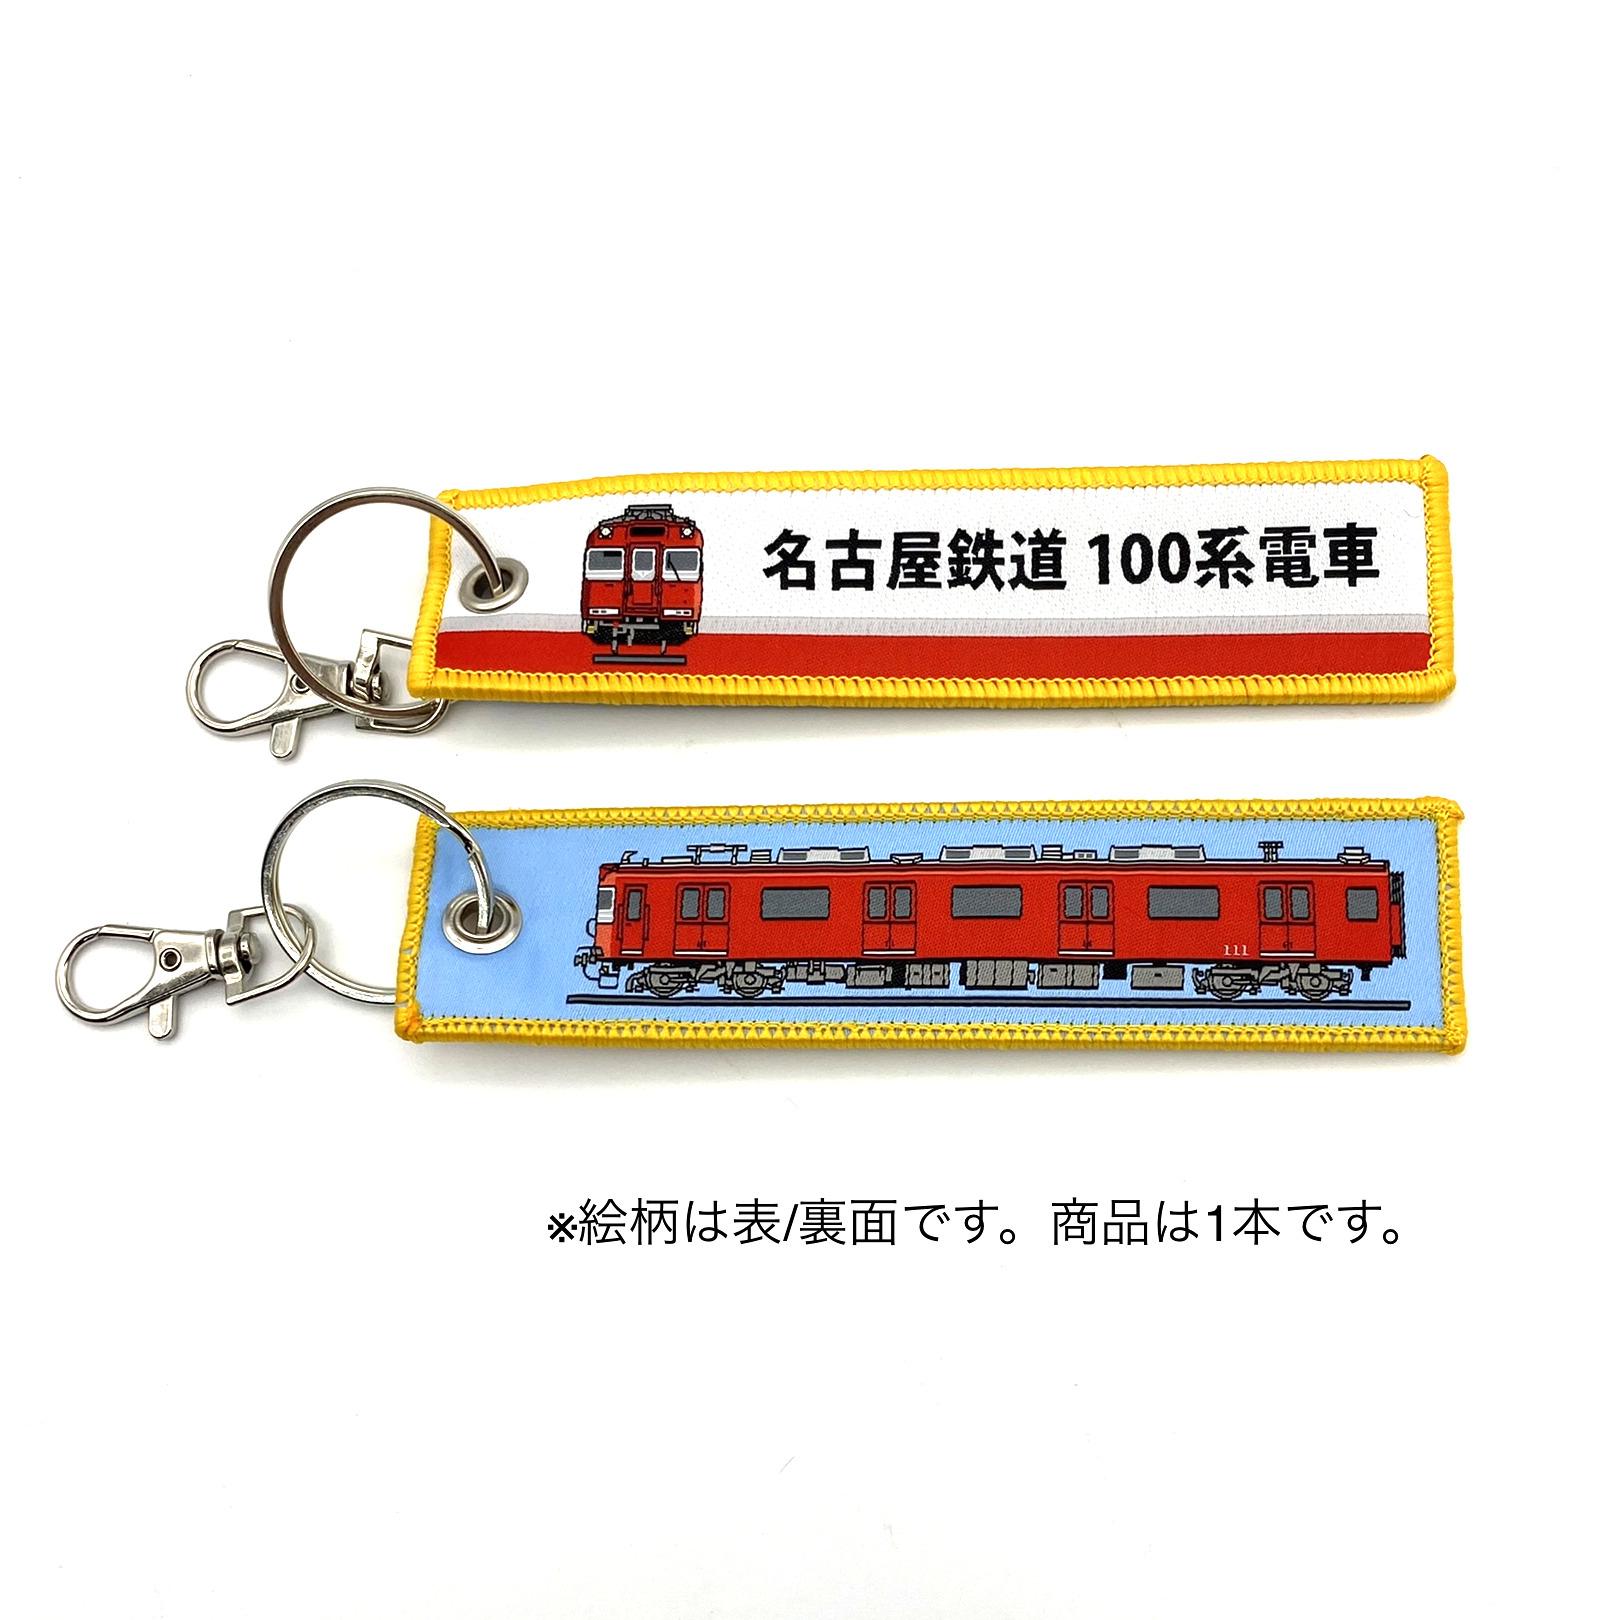 ししゅうダグ 名古屋鉄道 100系電車